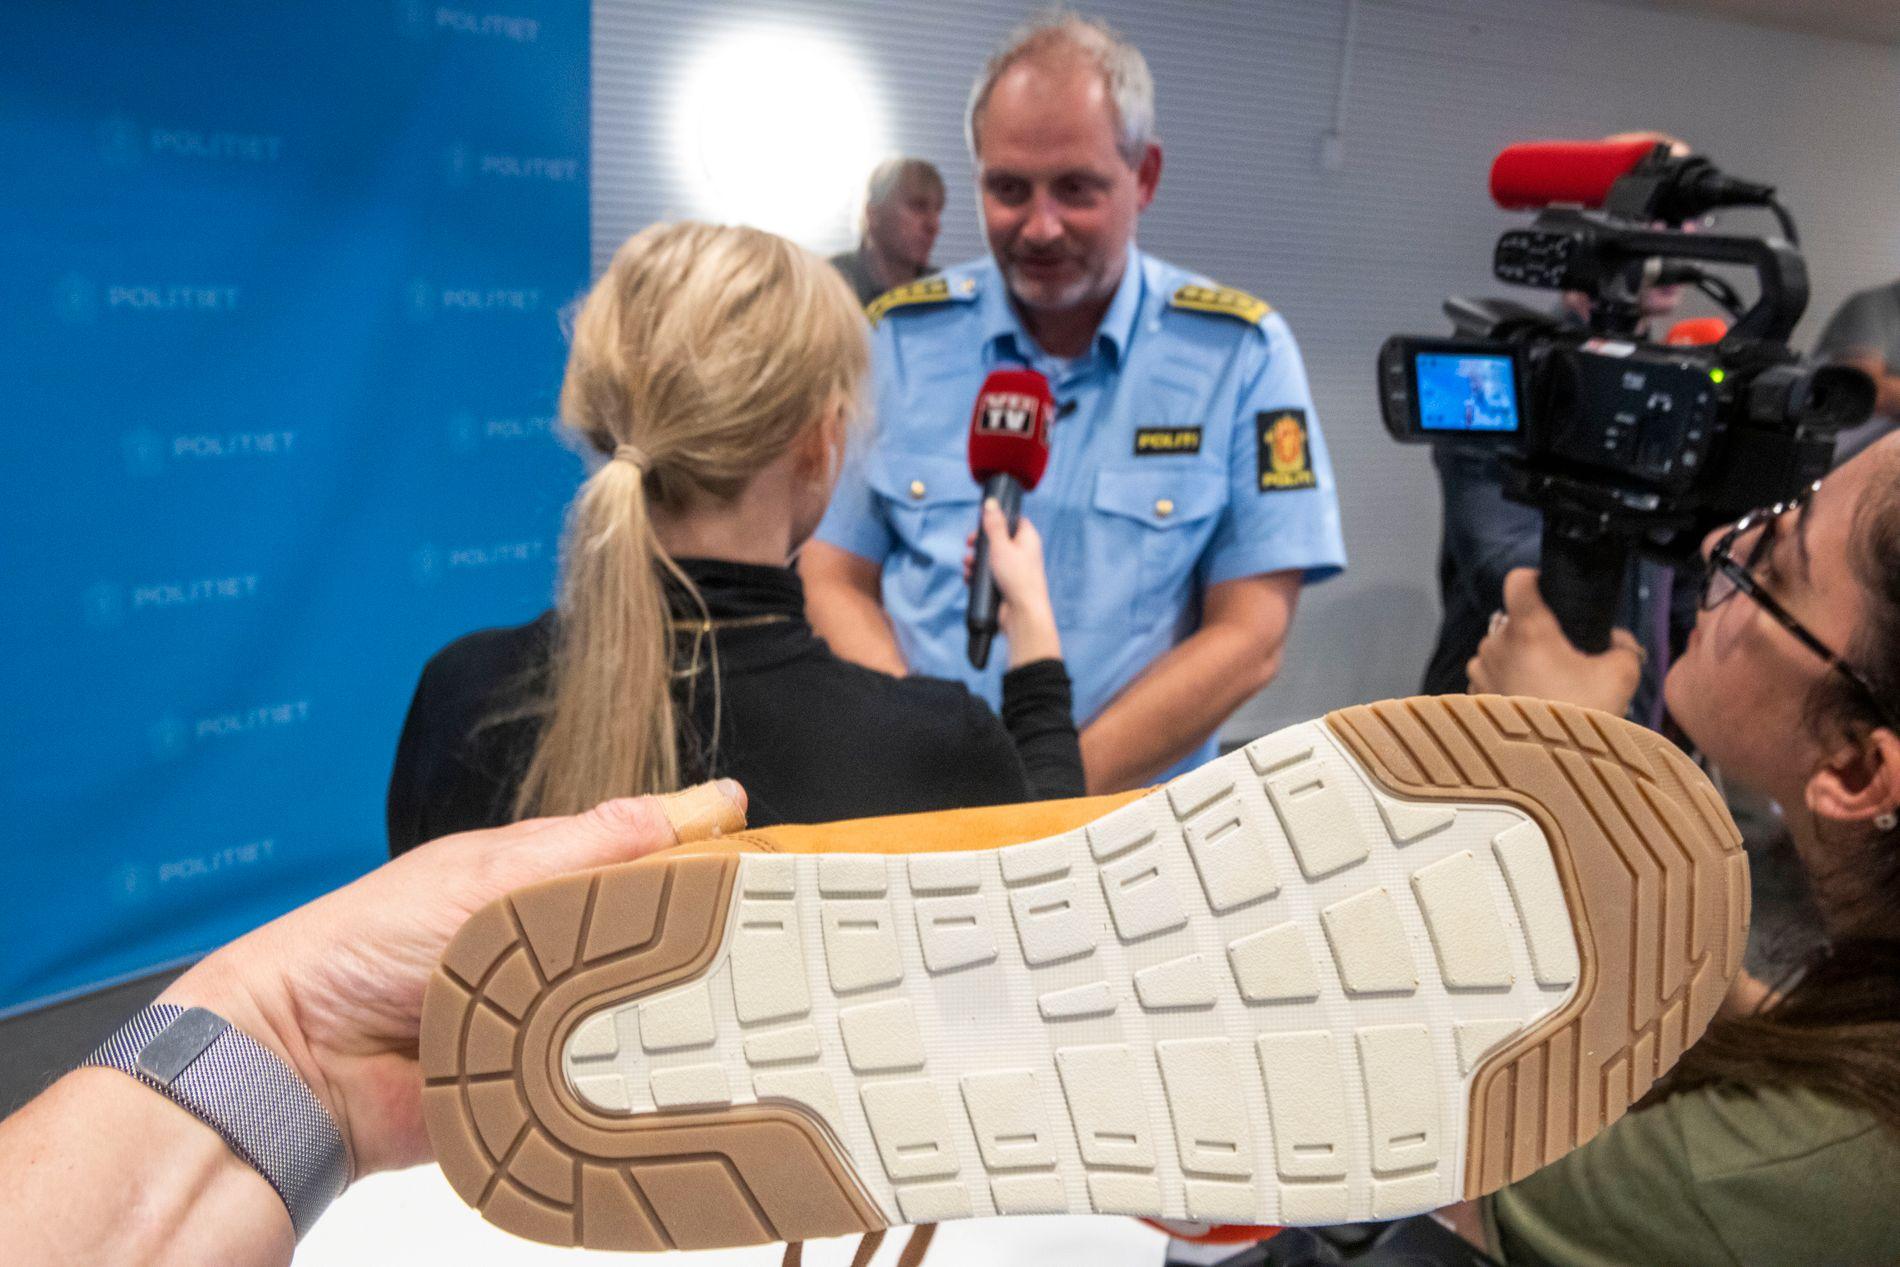 SKOSPOR: Dersom du har kjøpt en Sprox-sko med dette sålemønsteret, og har betalt kontant, ønsker politiet at du skal melde deg. Her er skosålen avbildet, med etterforskningsleder Tommy Brøske i bakgrunnen.